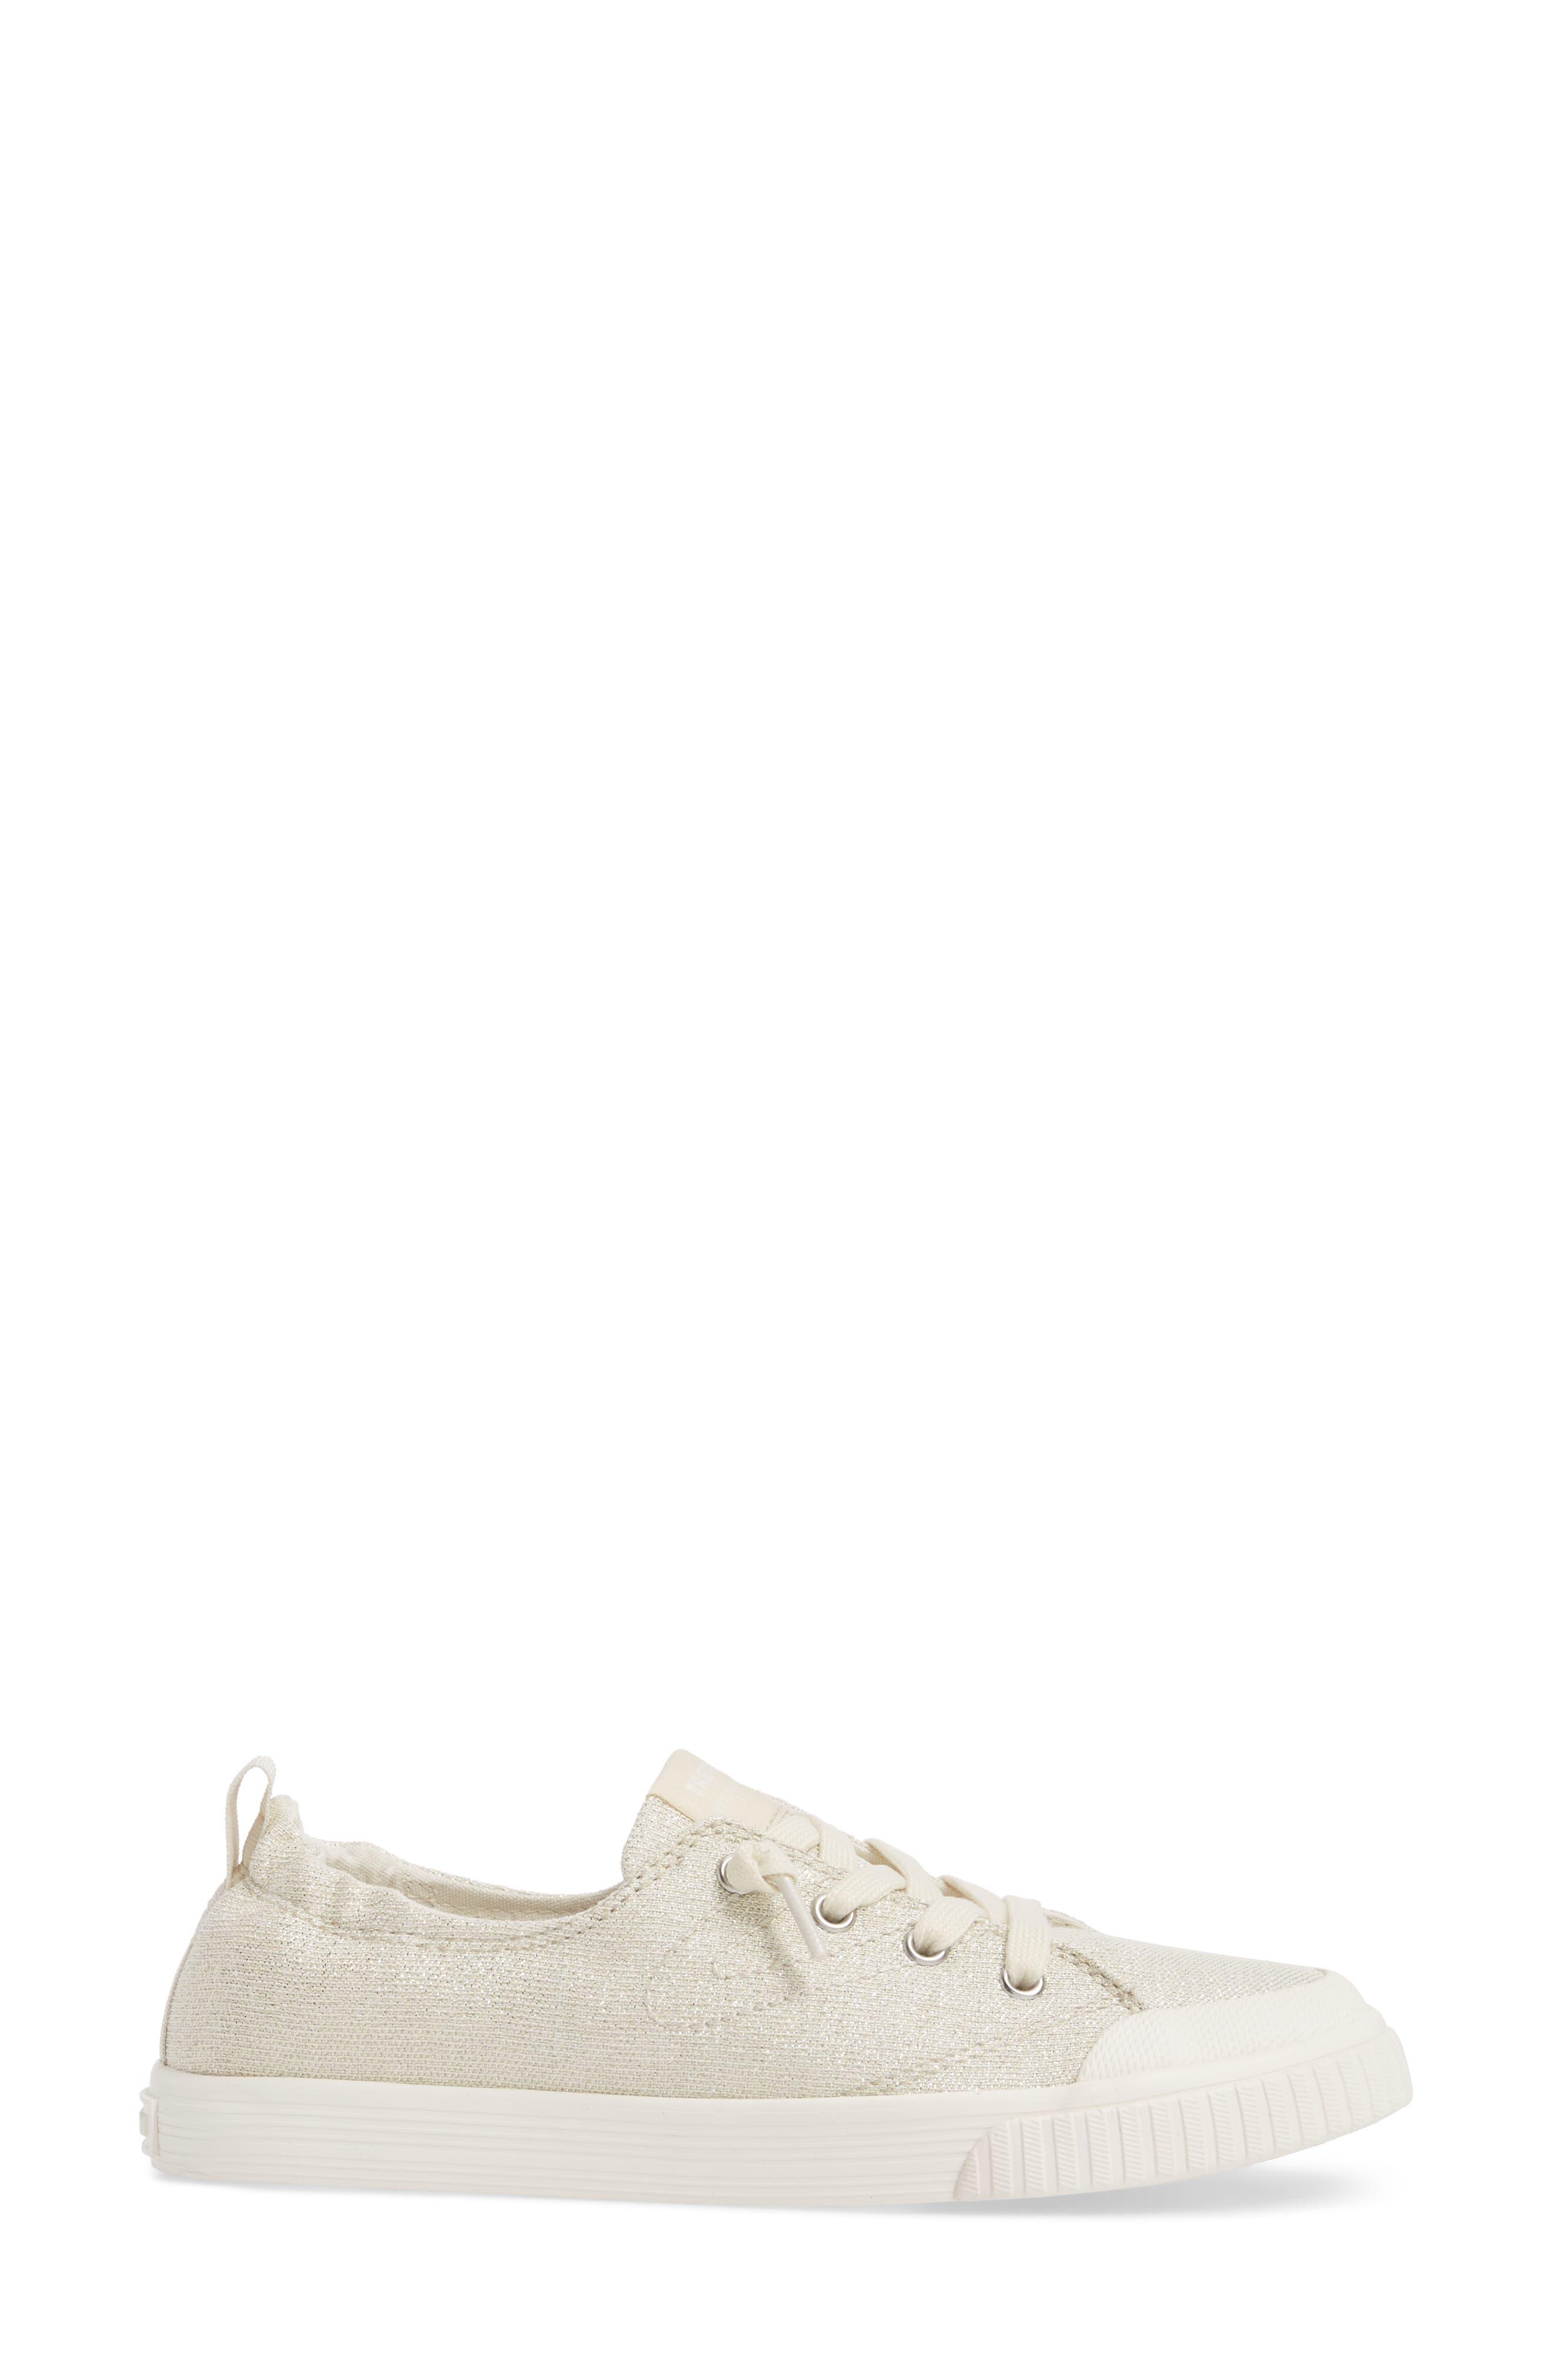 Meg Slip-On Sneaker,                             Alternate thumbnail 6, color,                             Angora/ White